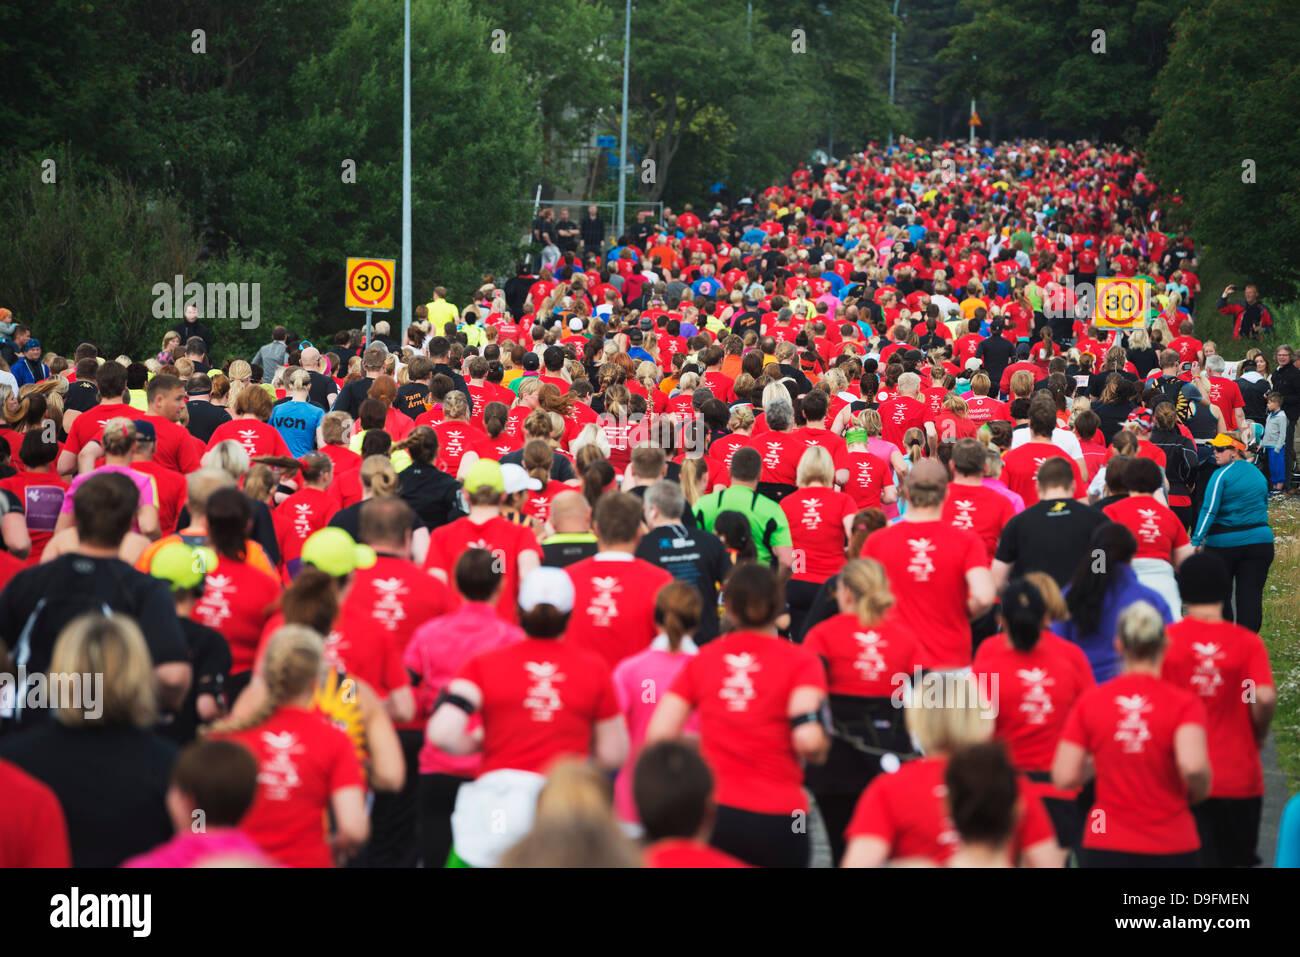 Maratona di Reykjavik 2012, Reykjavik, Islanda, regioni polari Immagini Stock